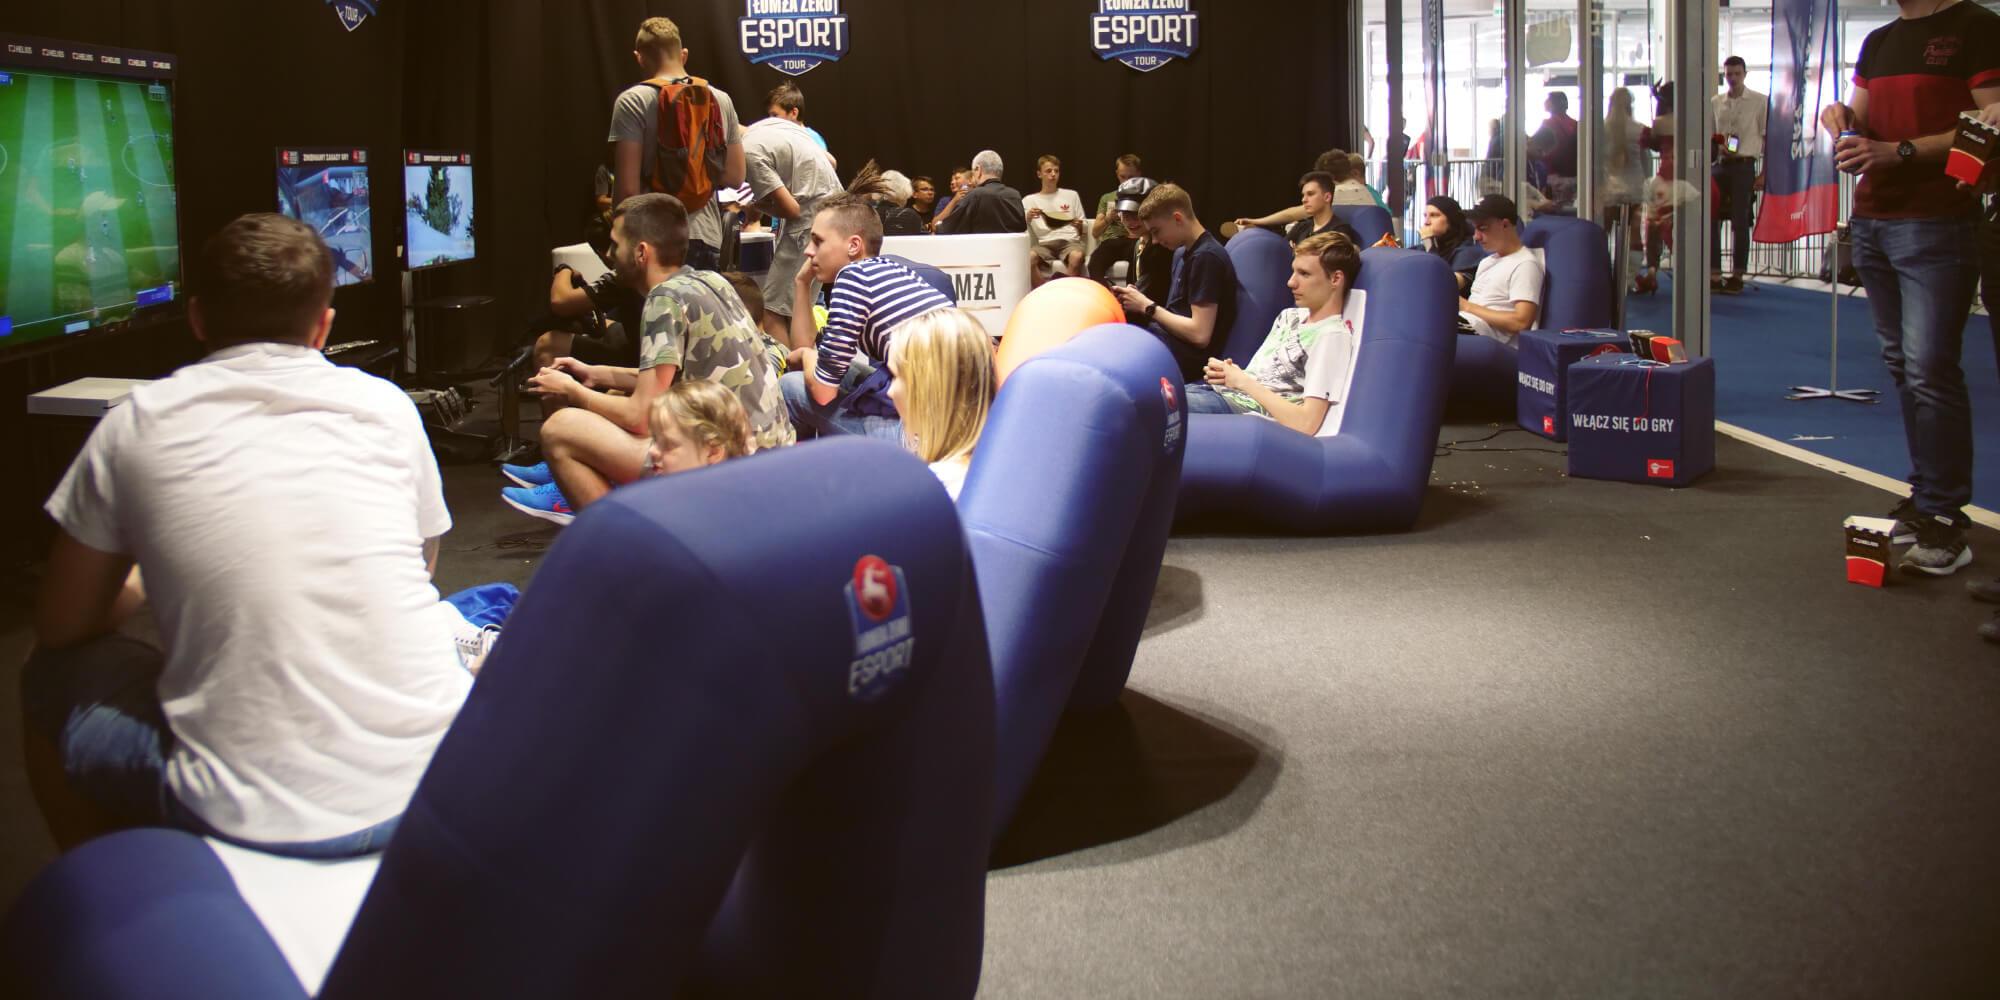 Dmuchane siedziska VENTO podczas turnieju e-sportowego